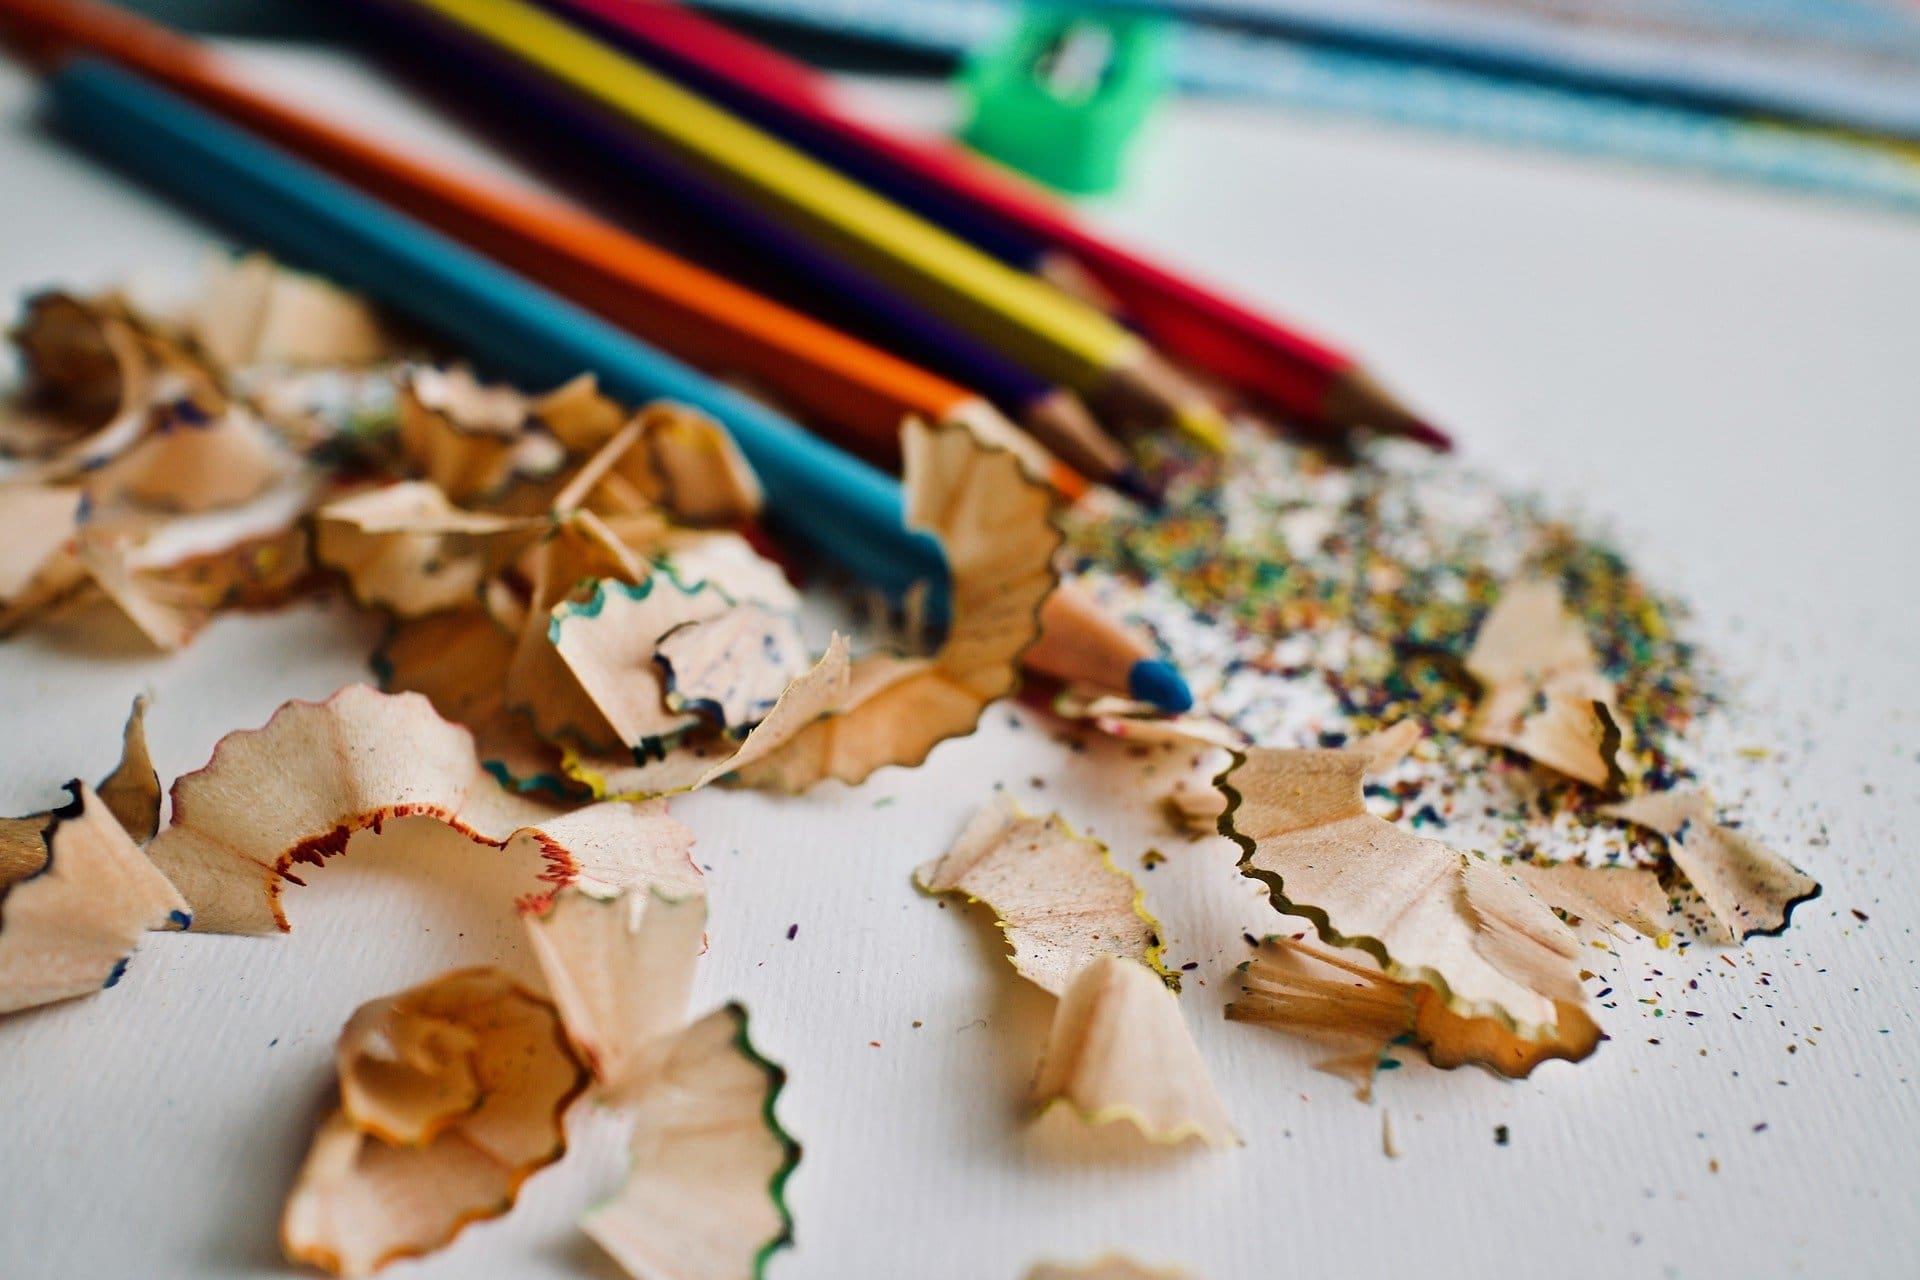 Kreativität für den Umgang mit Veränderungen